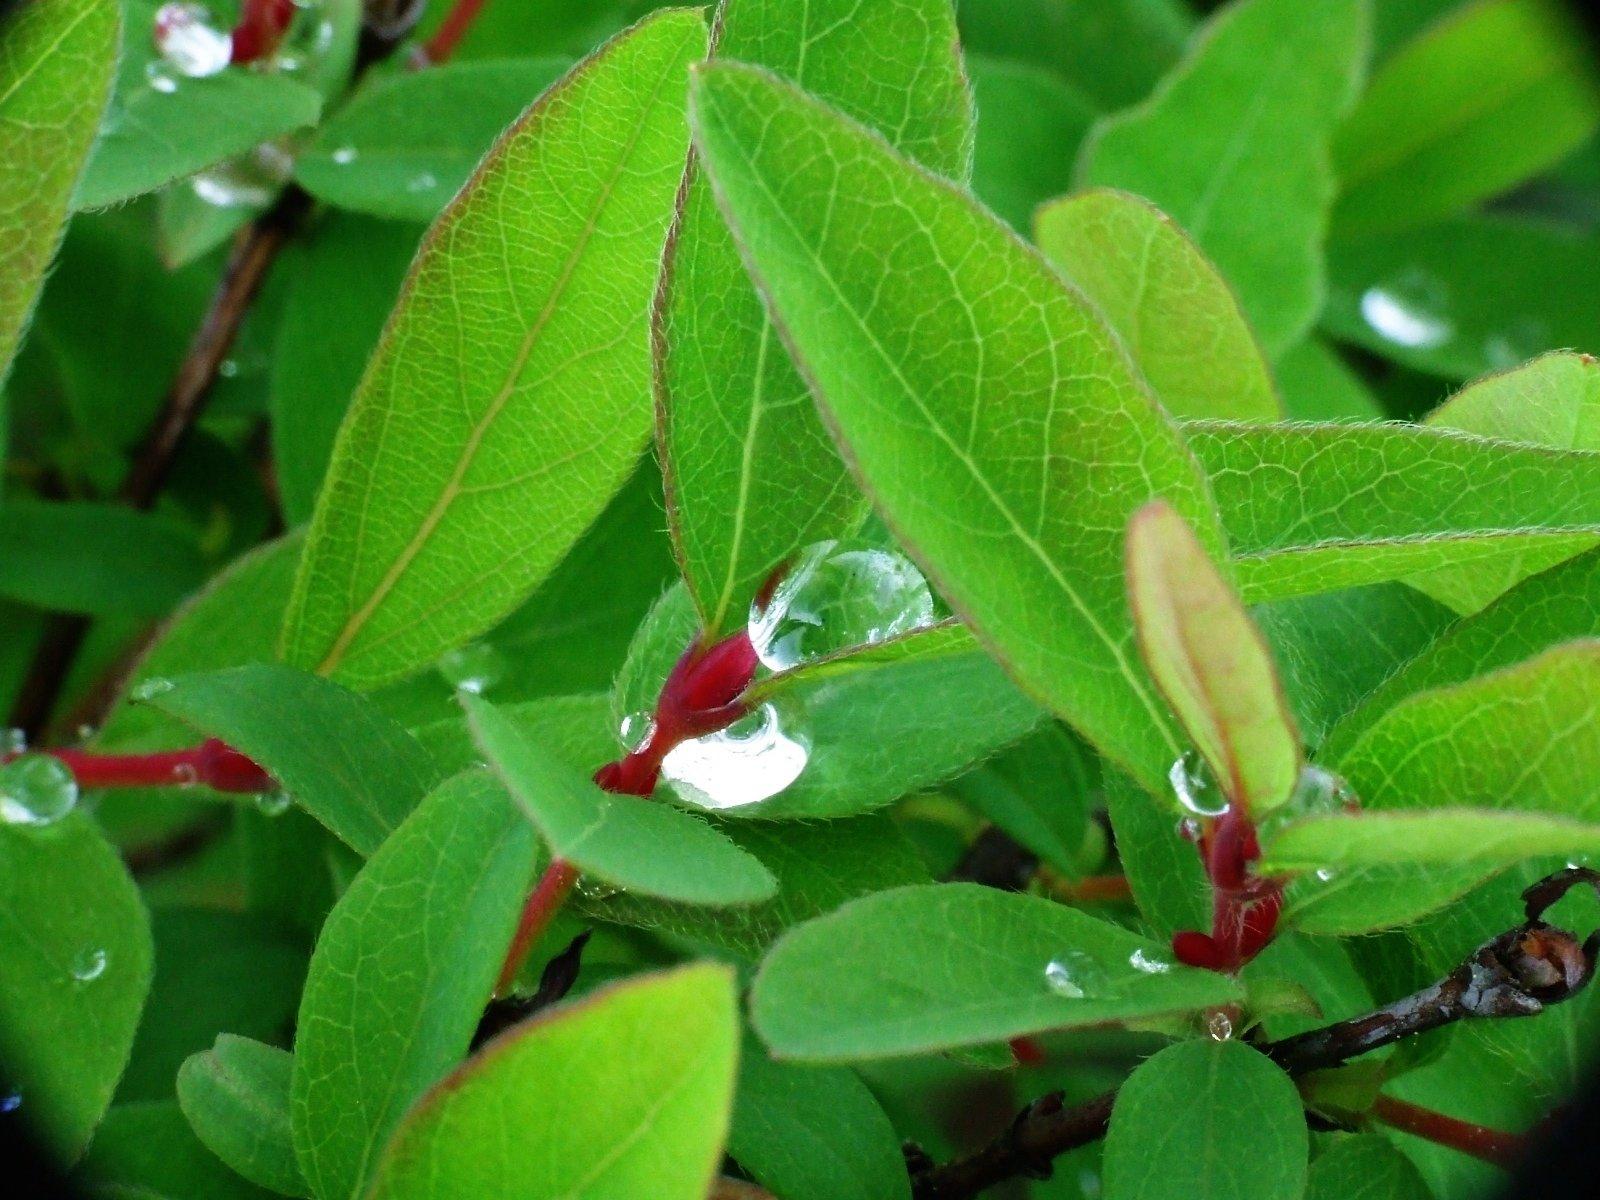 微距摄影:美丽的树叶和树木(5)